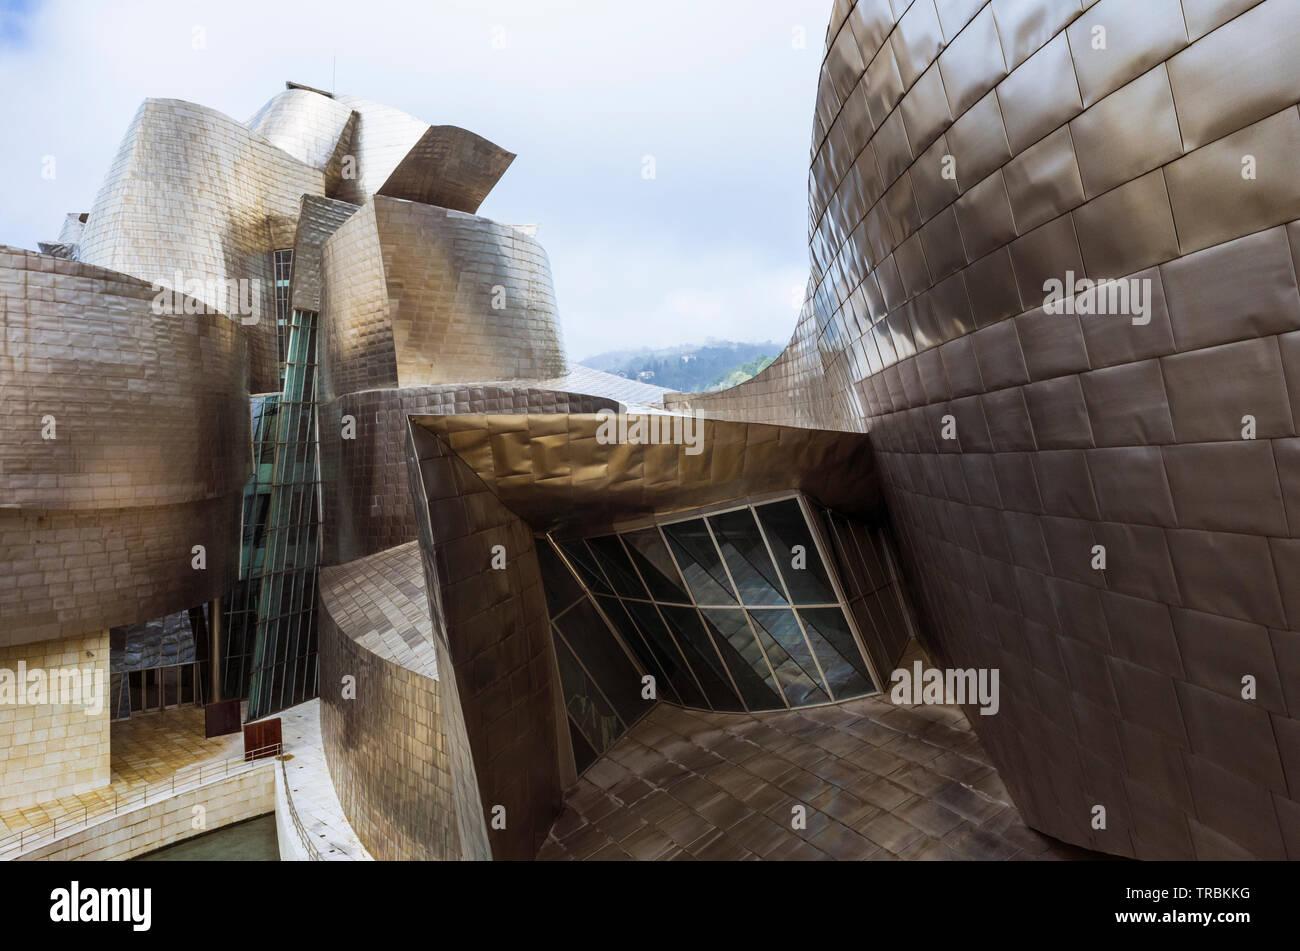 Bilbao, Biscaye, Pays Basque, Espagne: Détail de la façade du titane Guggenheim Museum d'art moderne et contemporain conçu par l'architecte Fr Banque D'Images